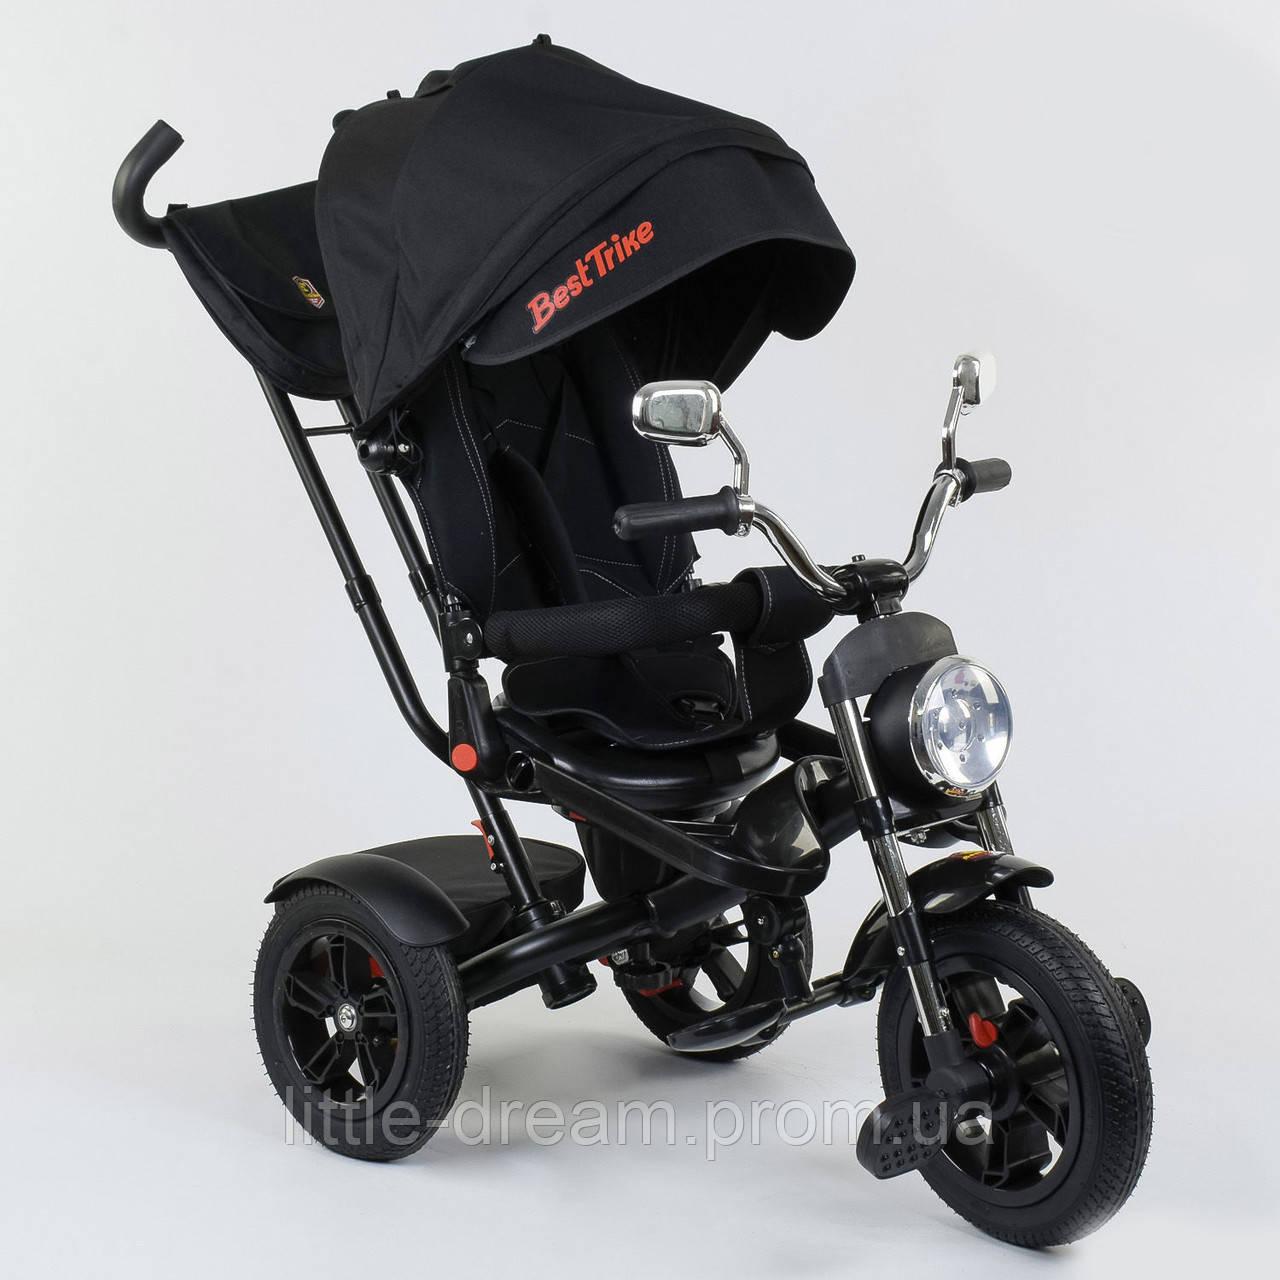 Велосипед 3-х колёсный Best Trike 4490 - 7009, поворотное сиденье, складной руль, русское озвучивание, надувные колеса, пульт включения звука и света